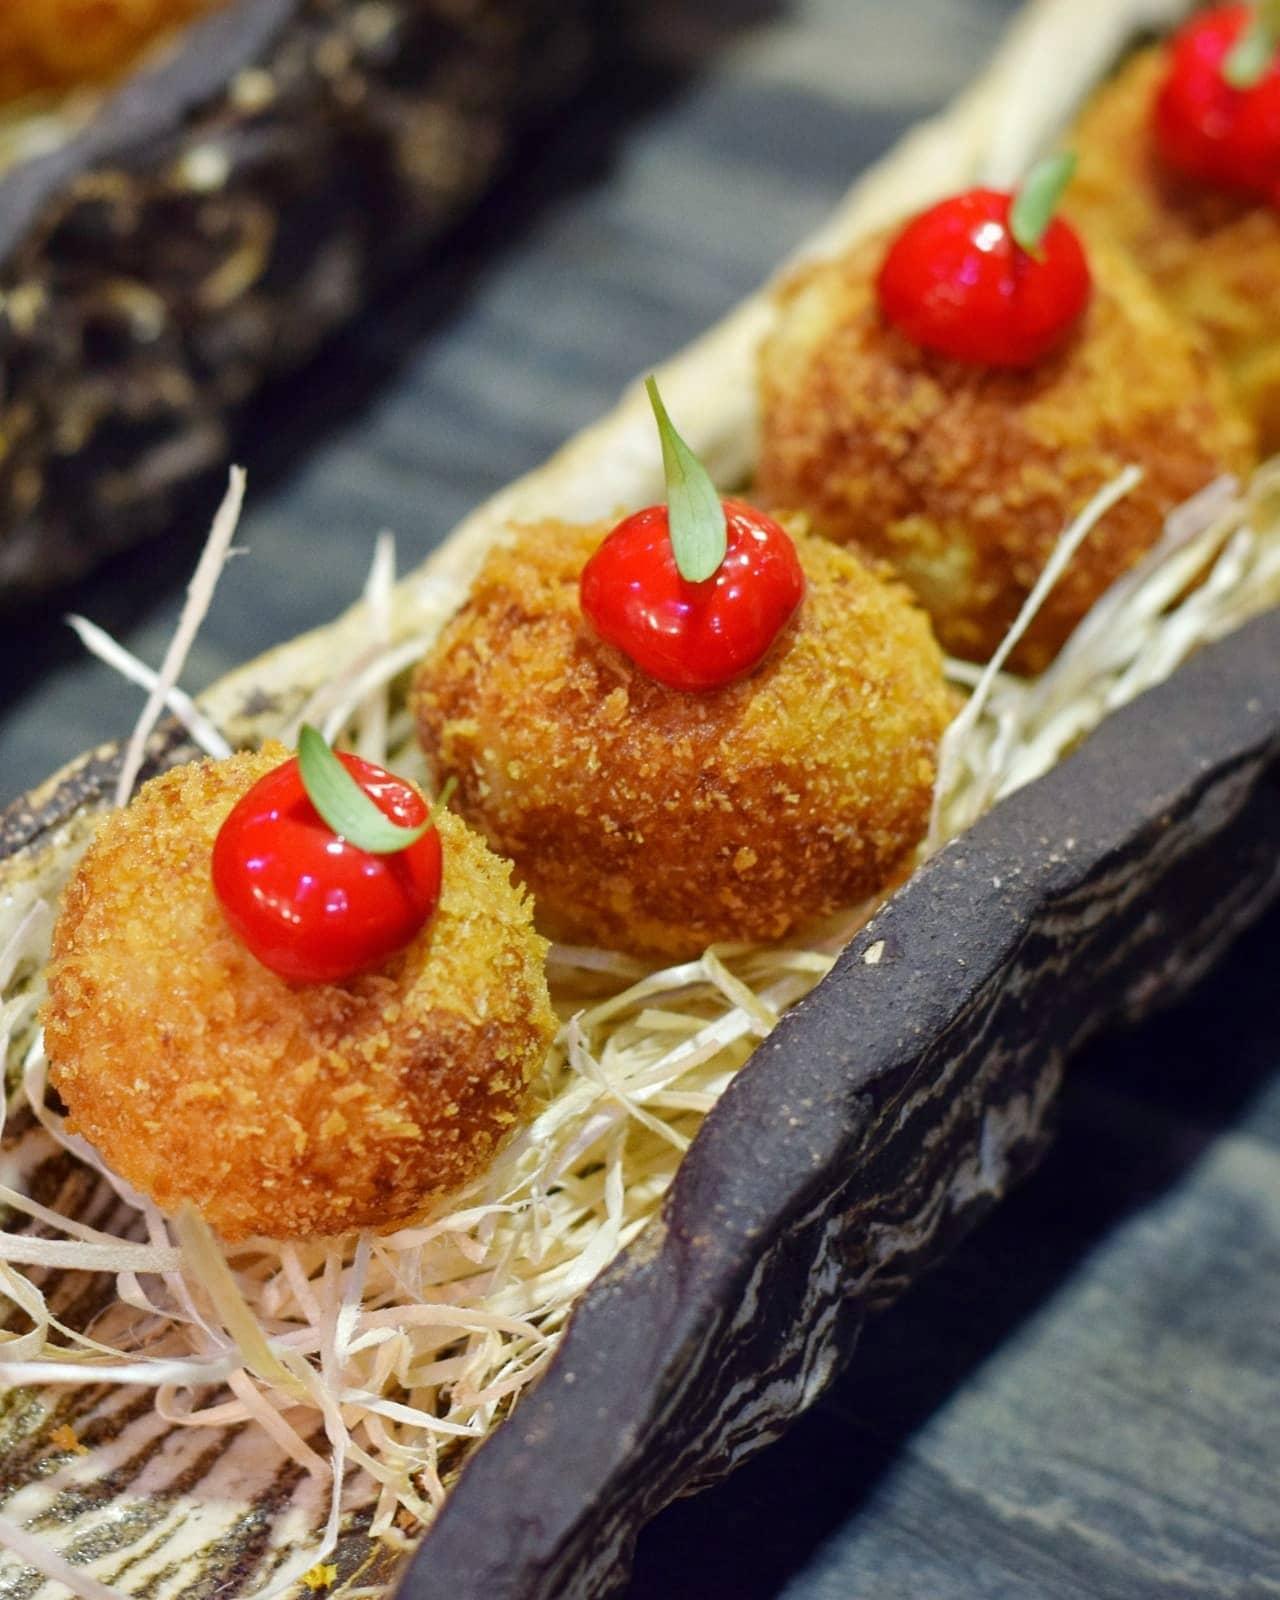 basque kitchen by aitor date night restaurant deals